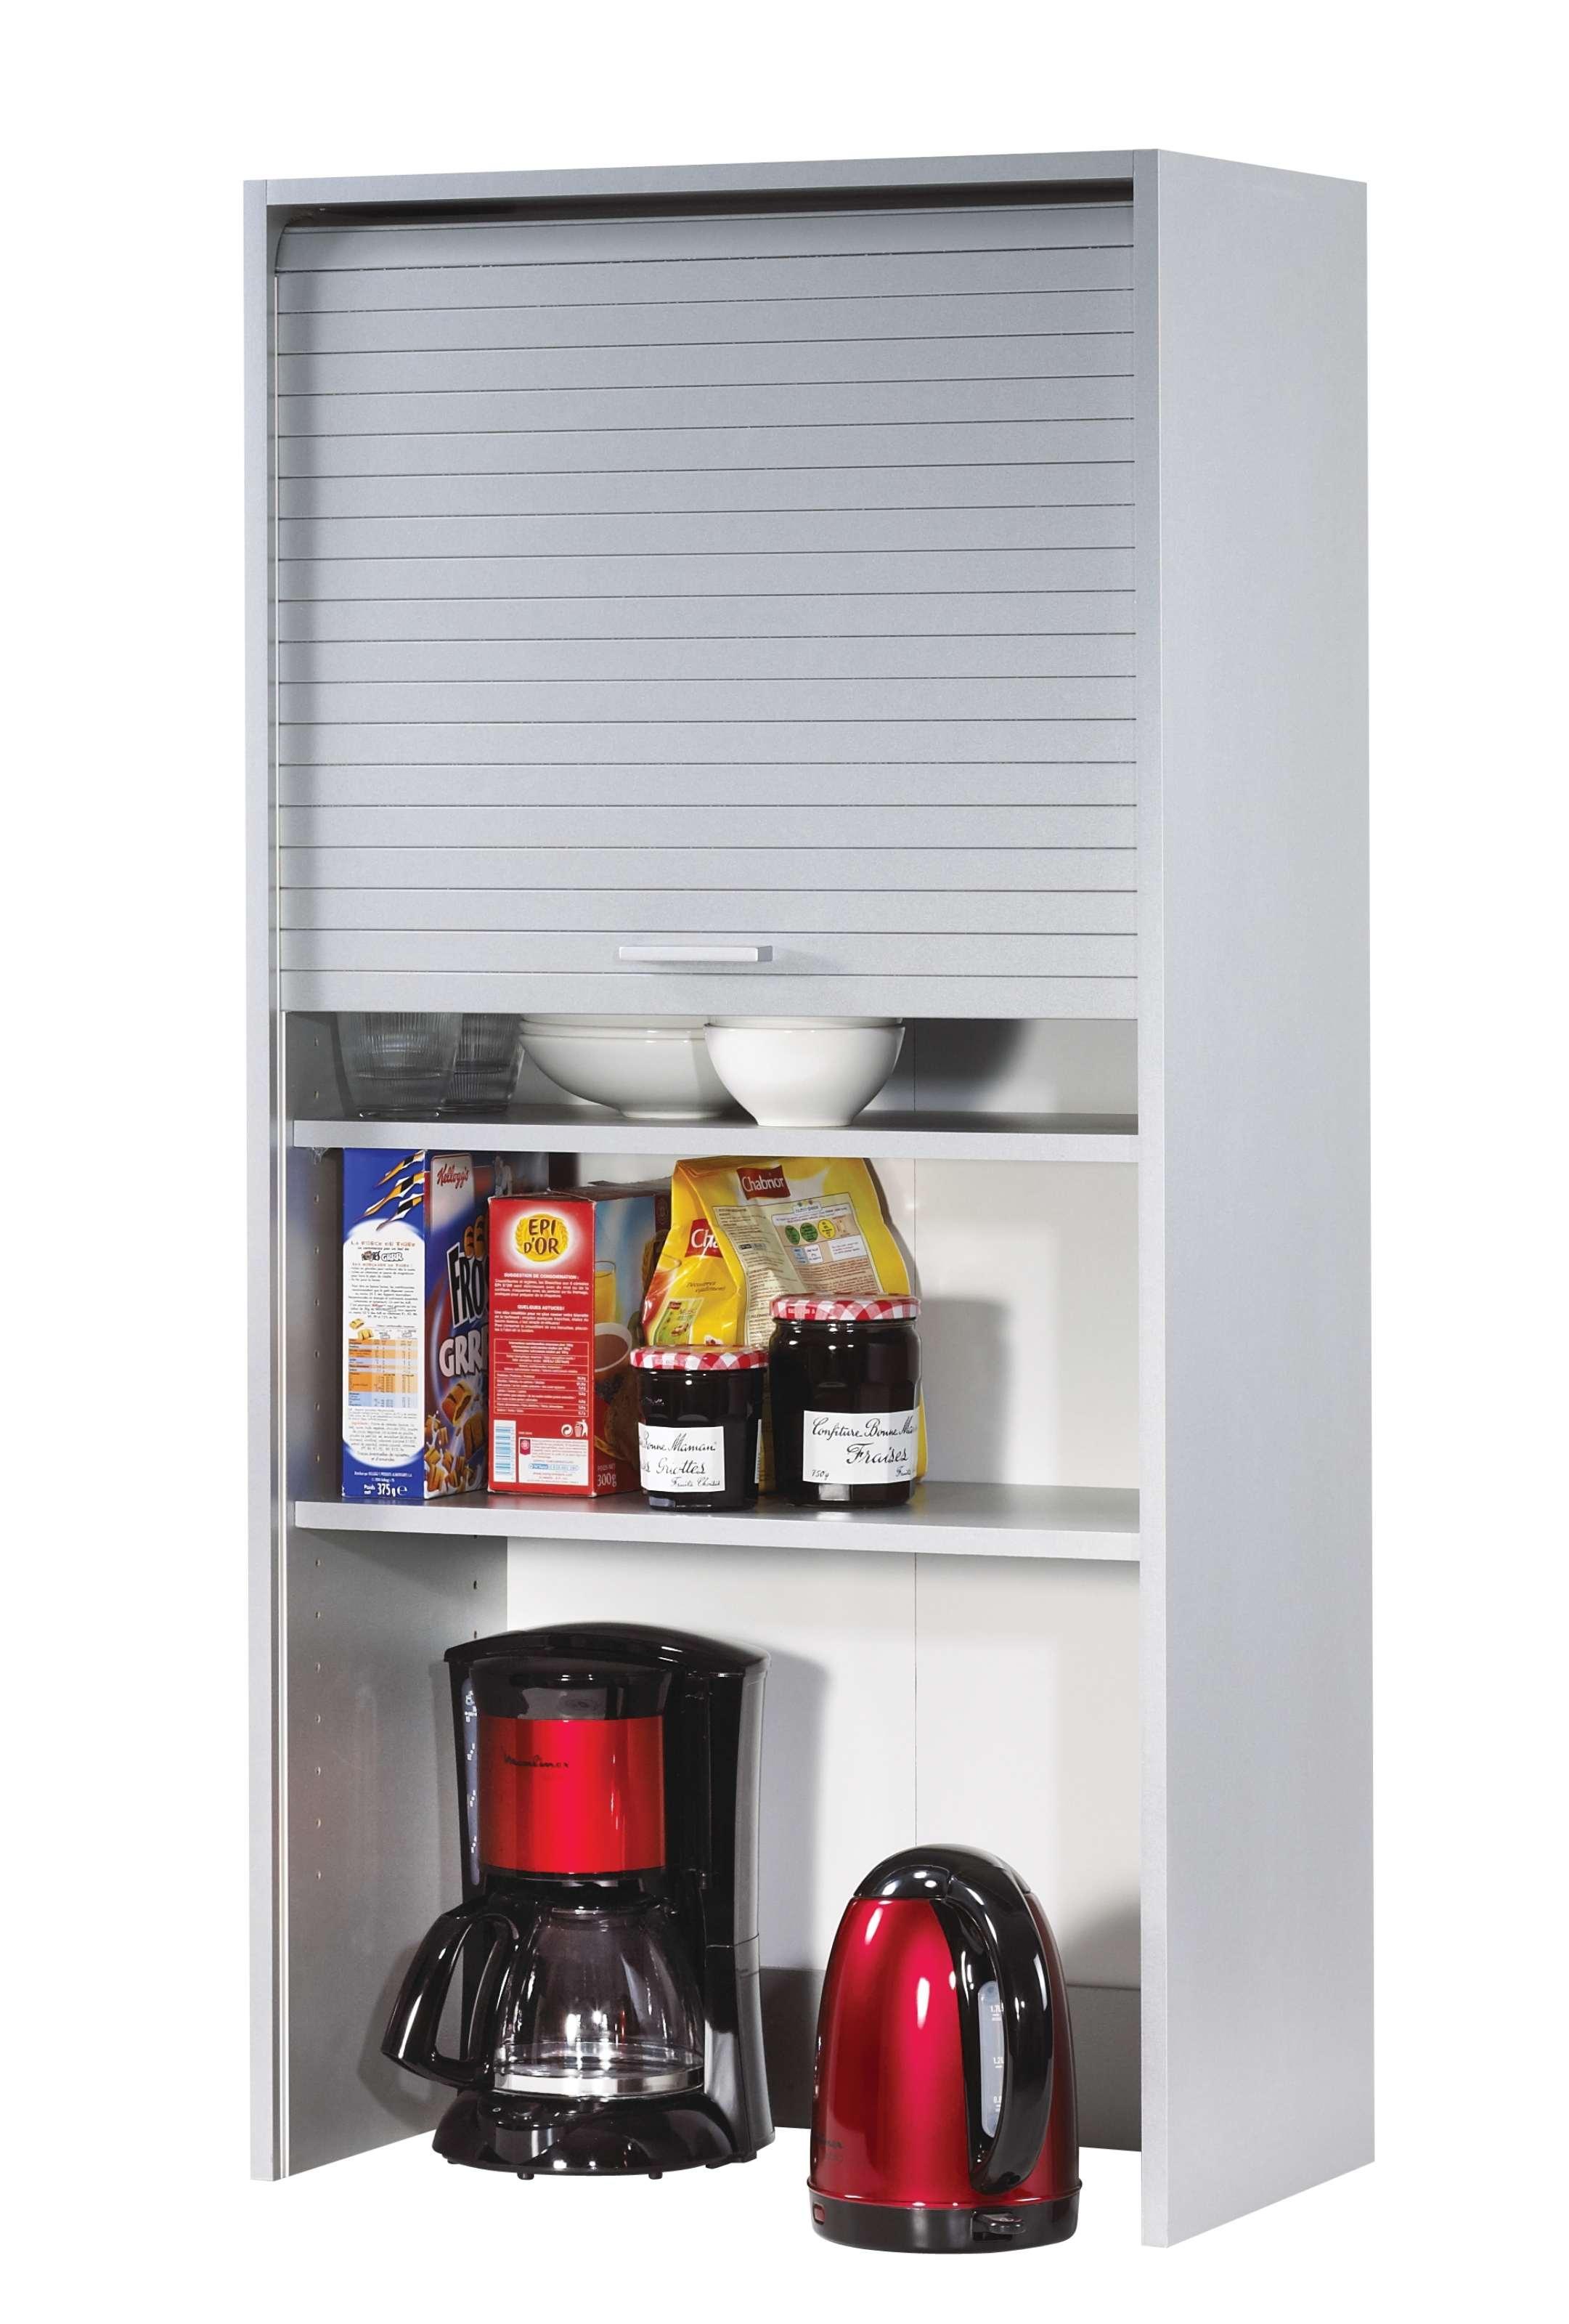 rangement de cuisine aluminium avec rideau droulant largeur 60cm decome store